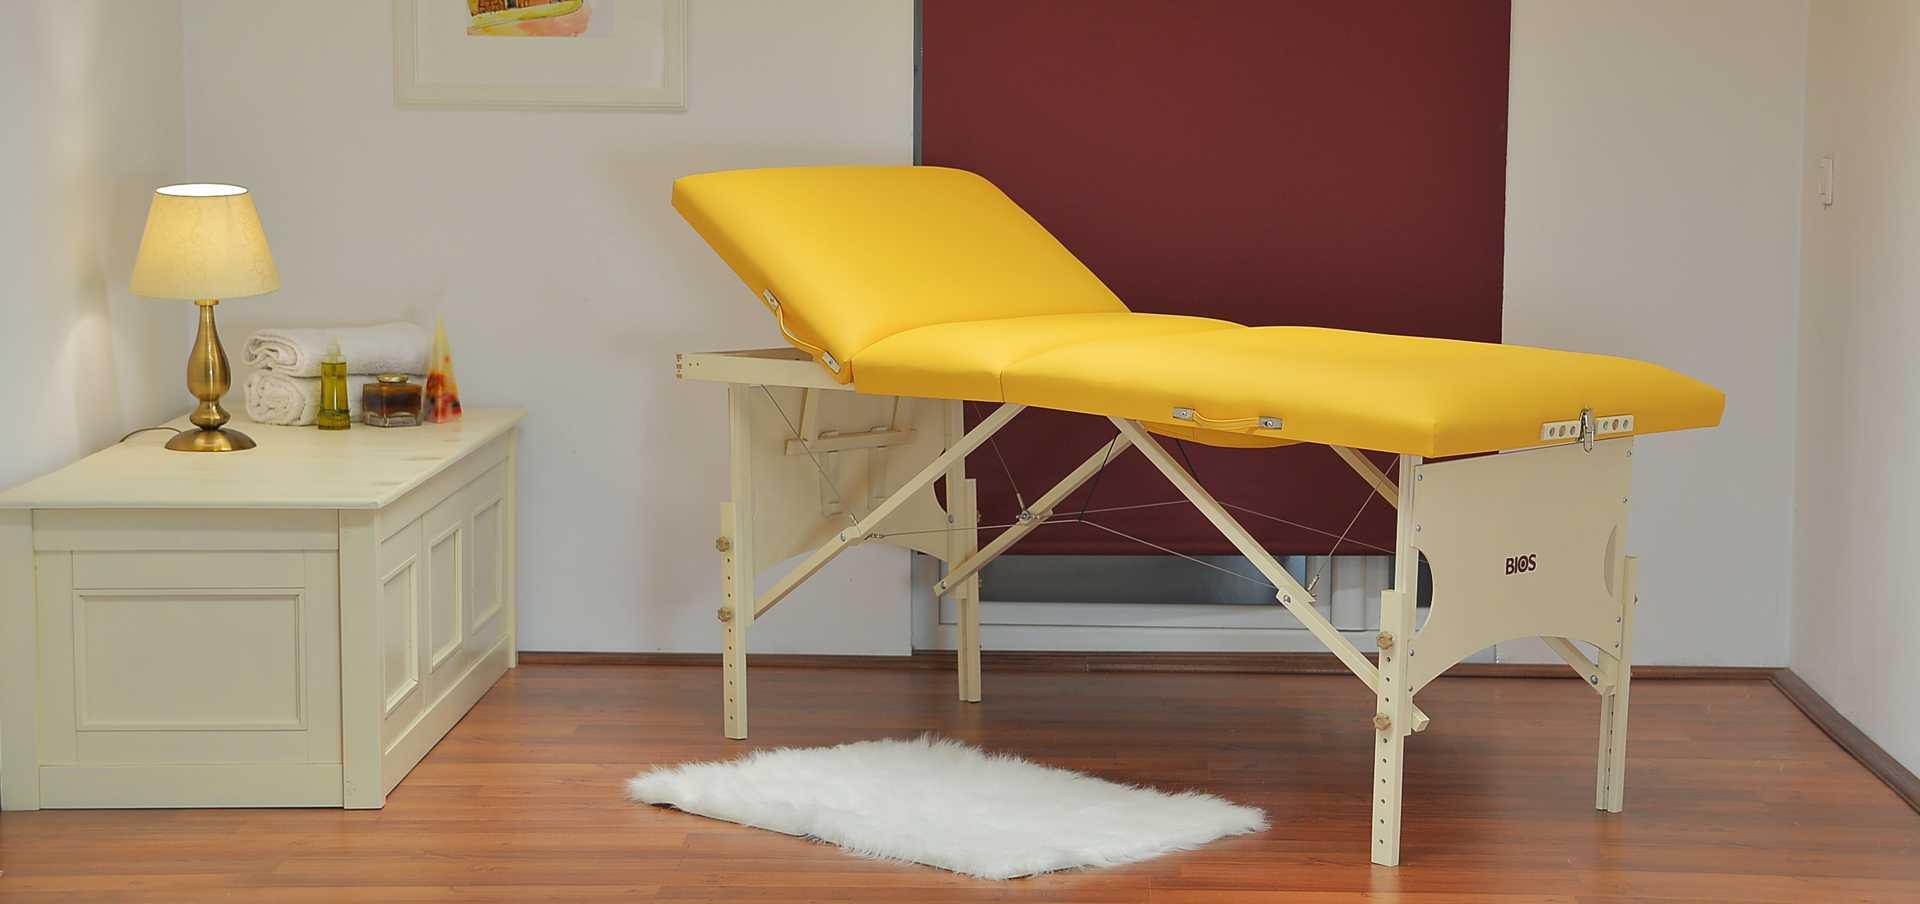 Confort - masă de masaj portabilă, trei secțiuni, culoare galben-piersică, finisaj lemn crem.